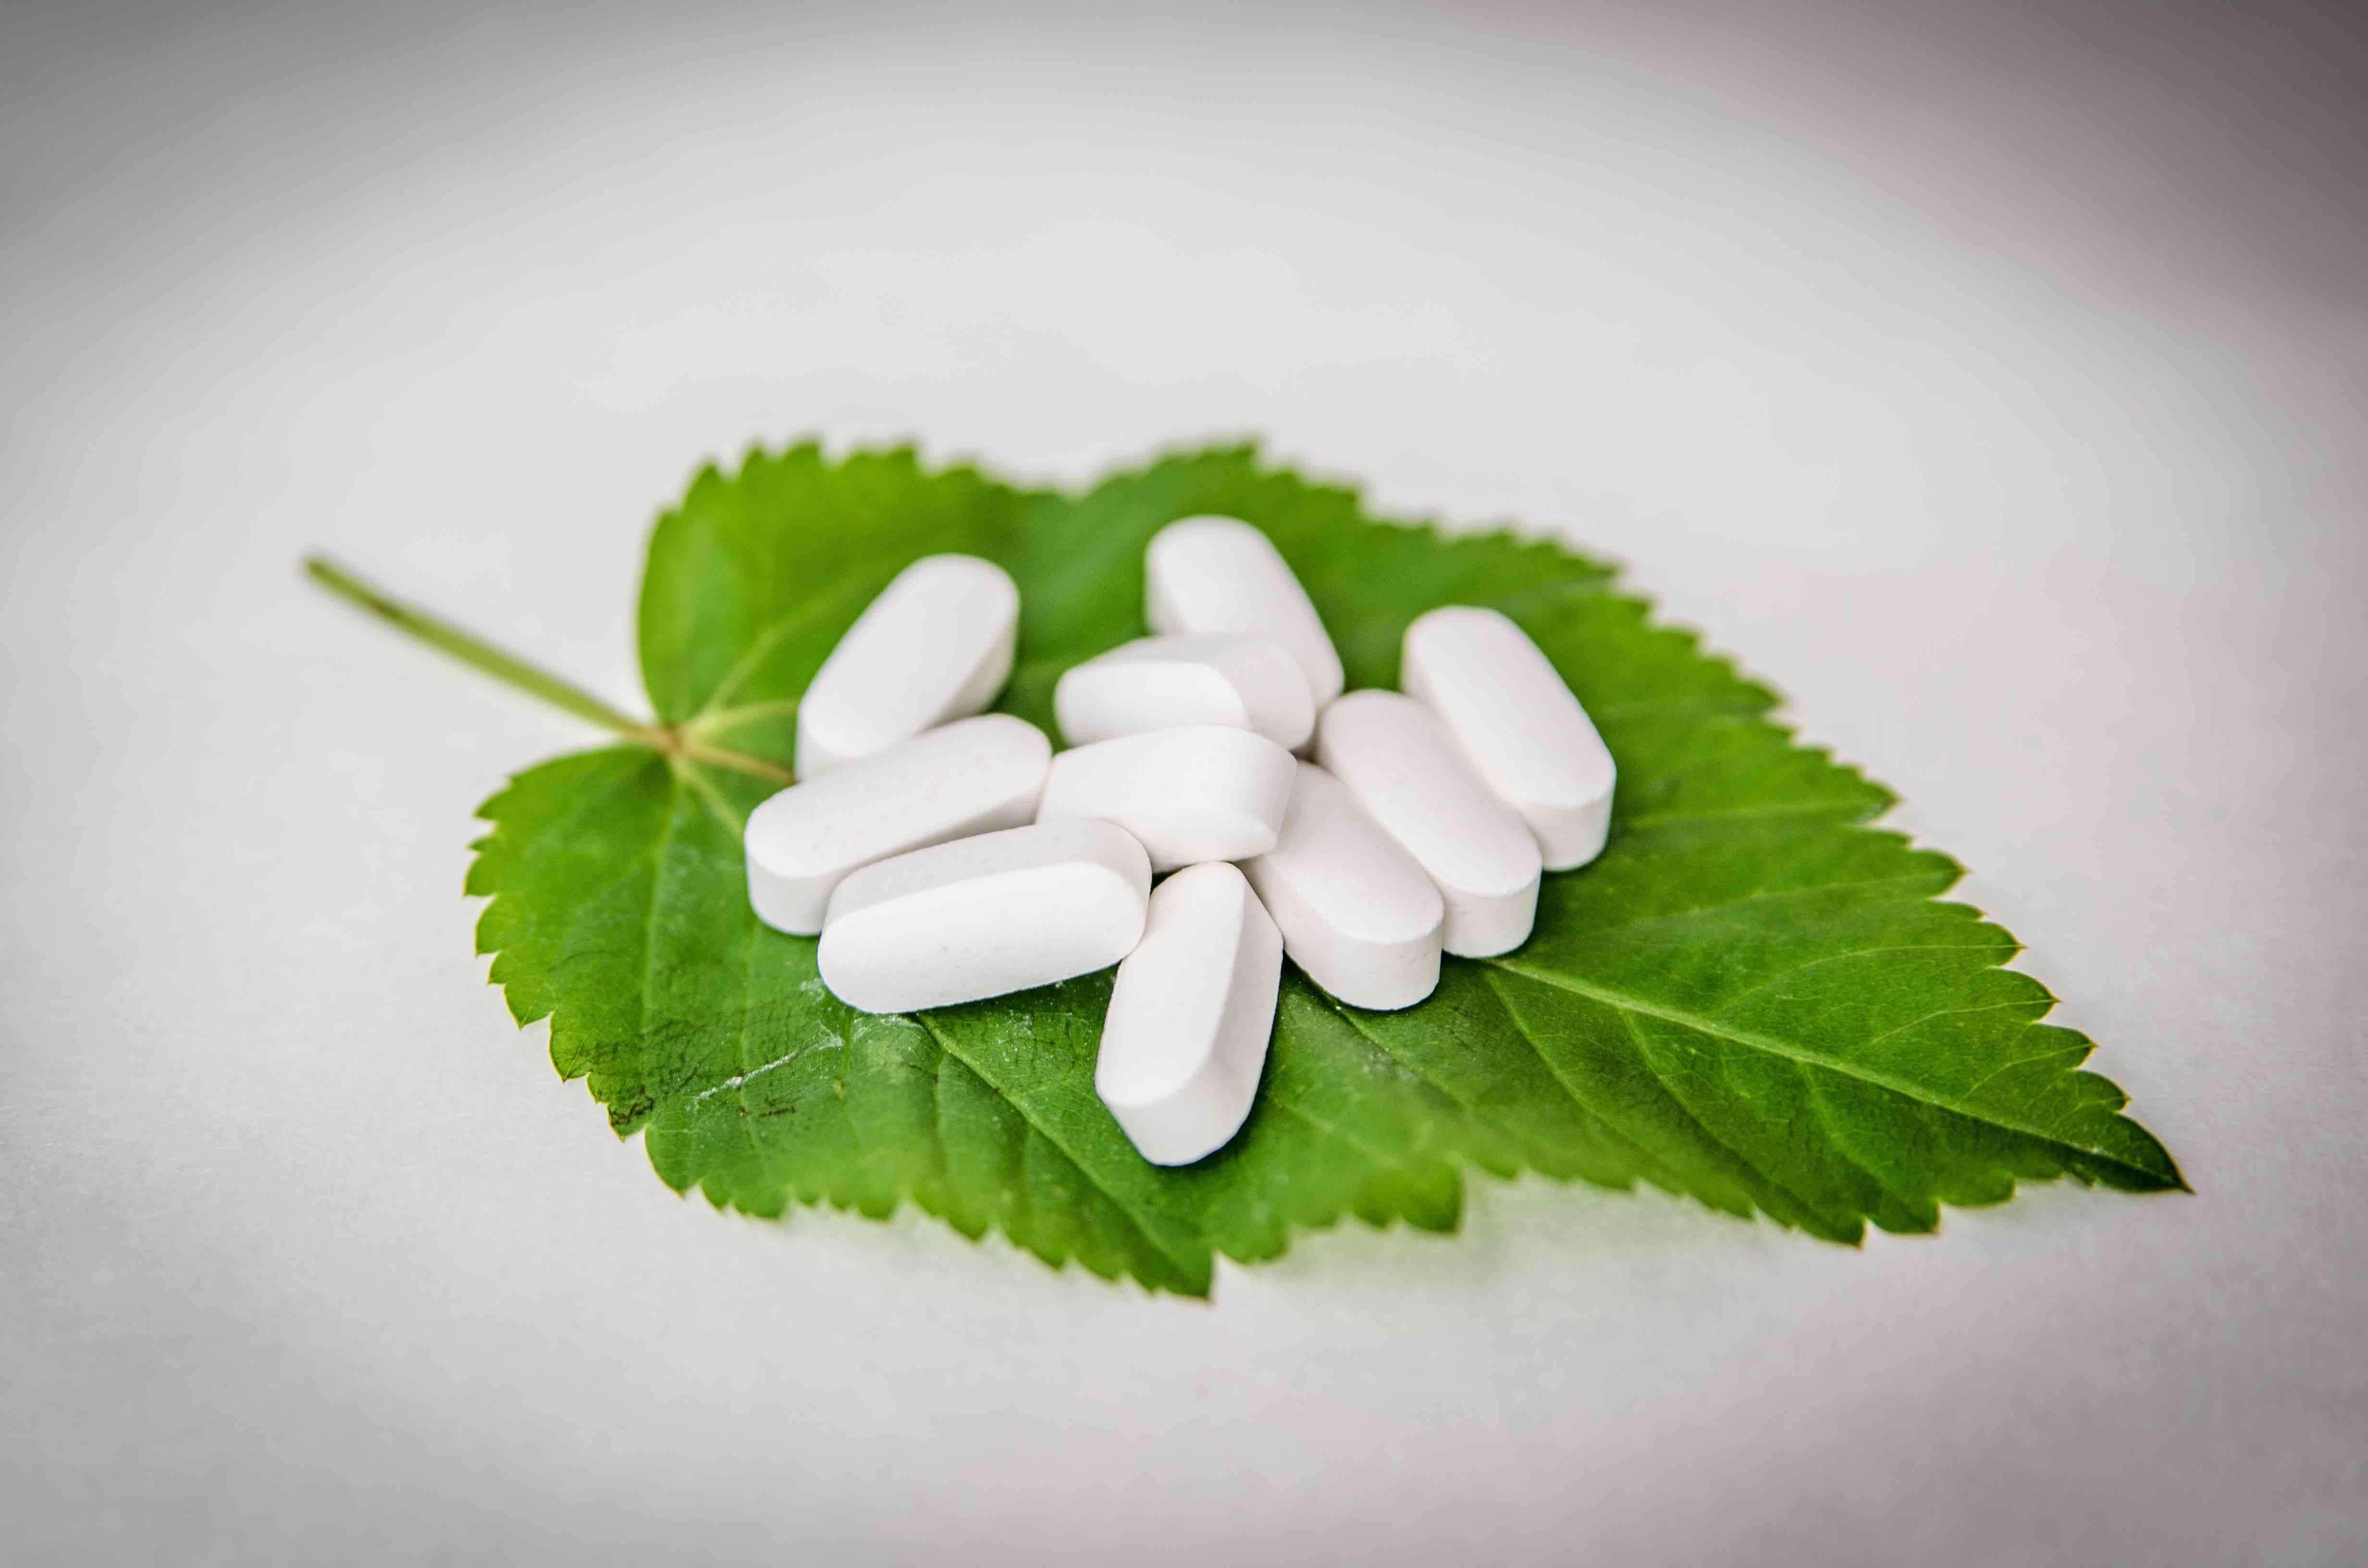 C'è un integratore a base di erbe che è fondamentale per la tua salute quotidiana e che ti tiene lontano il più possibile dai medici e dai farmaci?